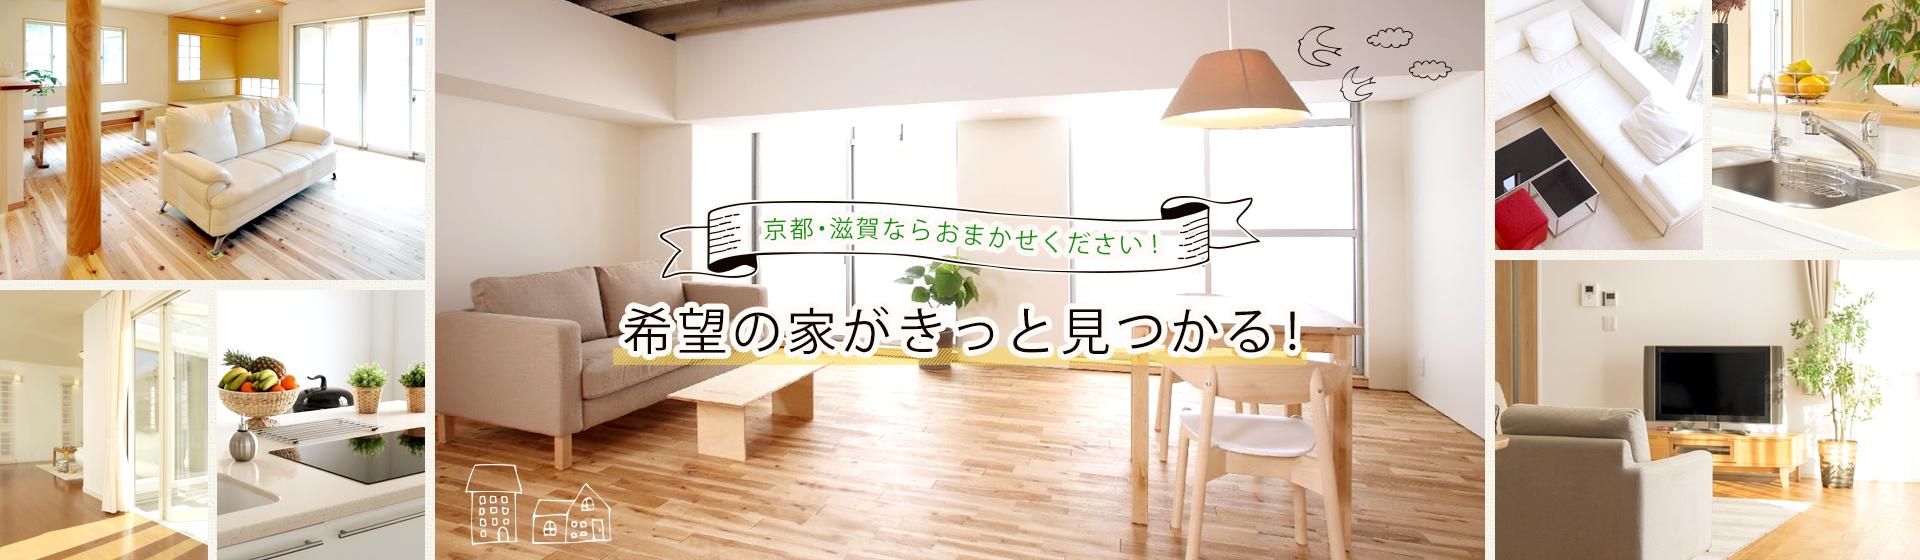 京都・滋賀ならおまかせください!<br />希望の家がきっと見つかる!